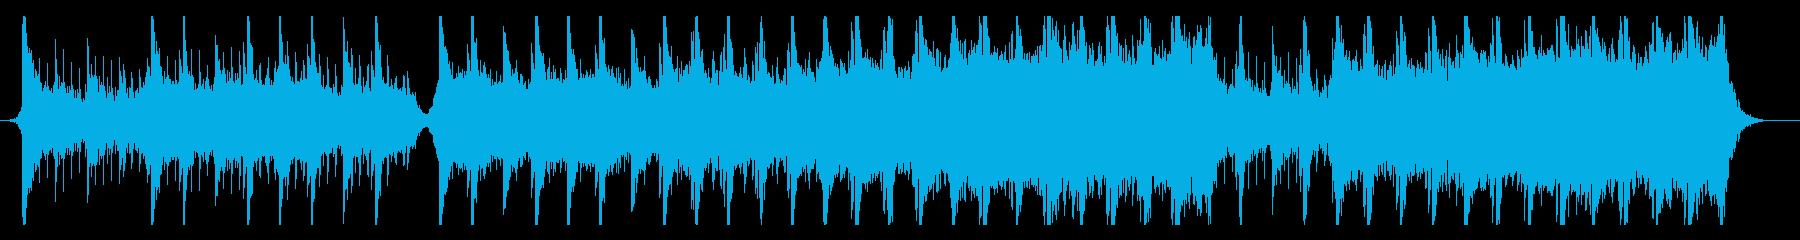 ハリウッド映画風壮大オケ9 /ドラム抜きの再生済みの波形